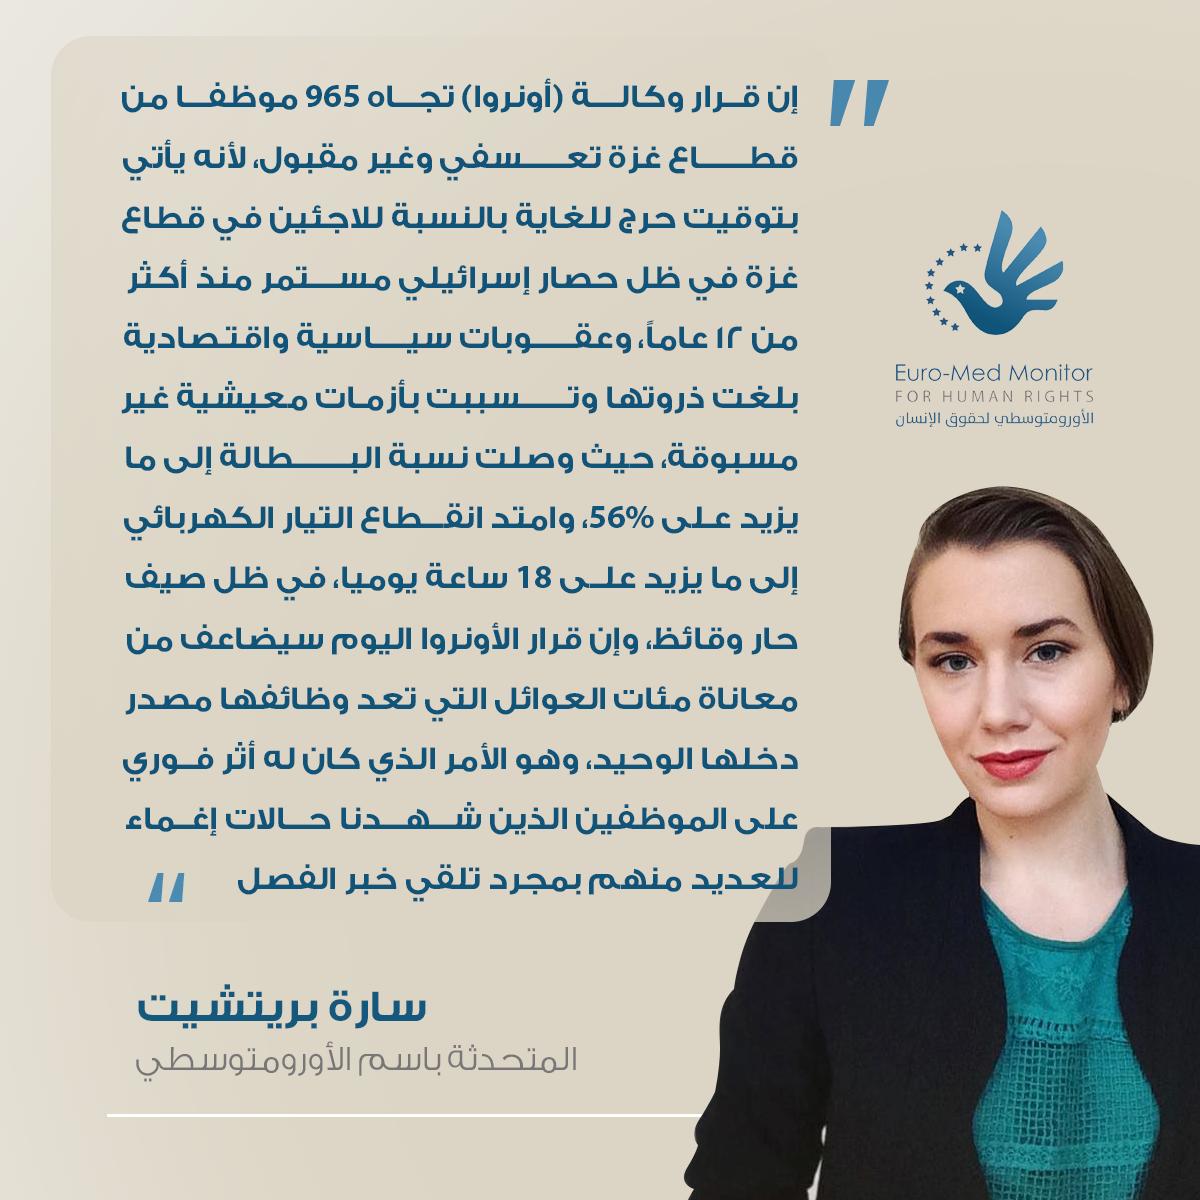 تصريح صحفي بخصوص إجراءات تعسفية اتخذتها الأونروا بحق قرابة 1000 من موظفيها في غزة